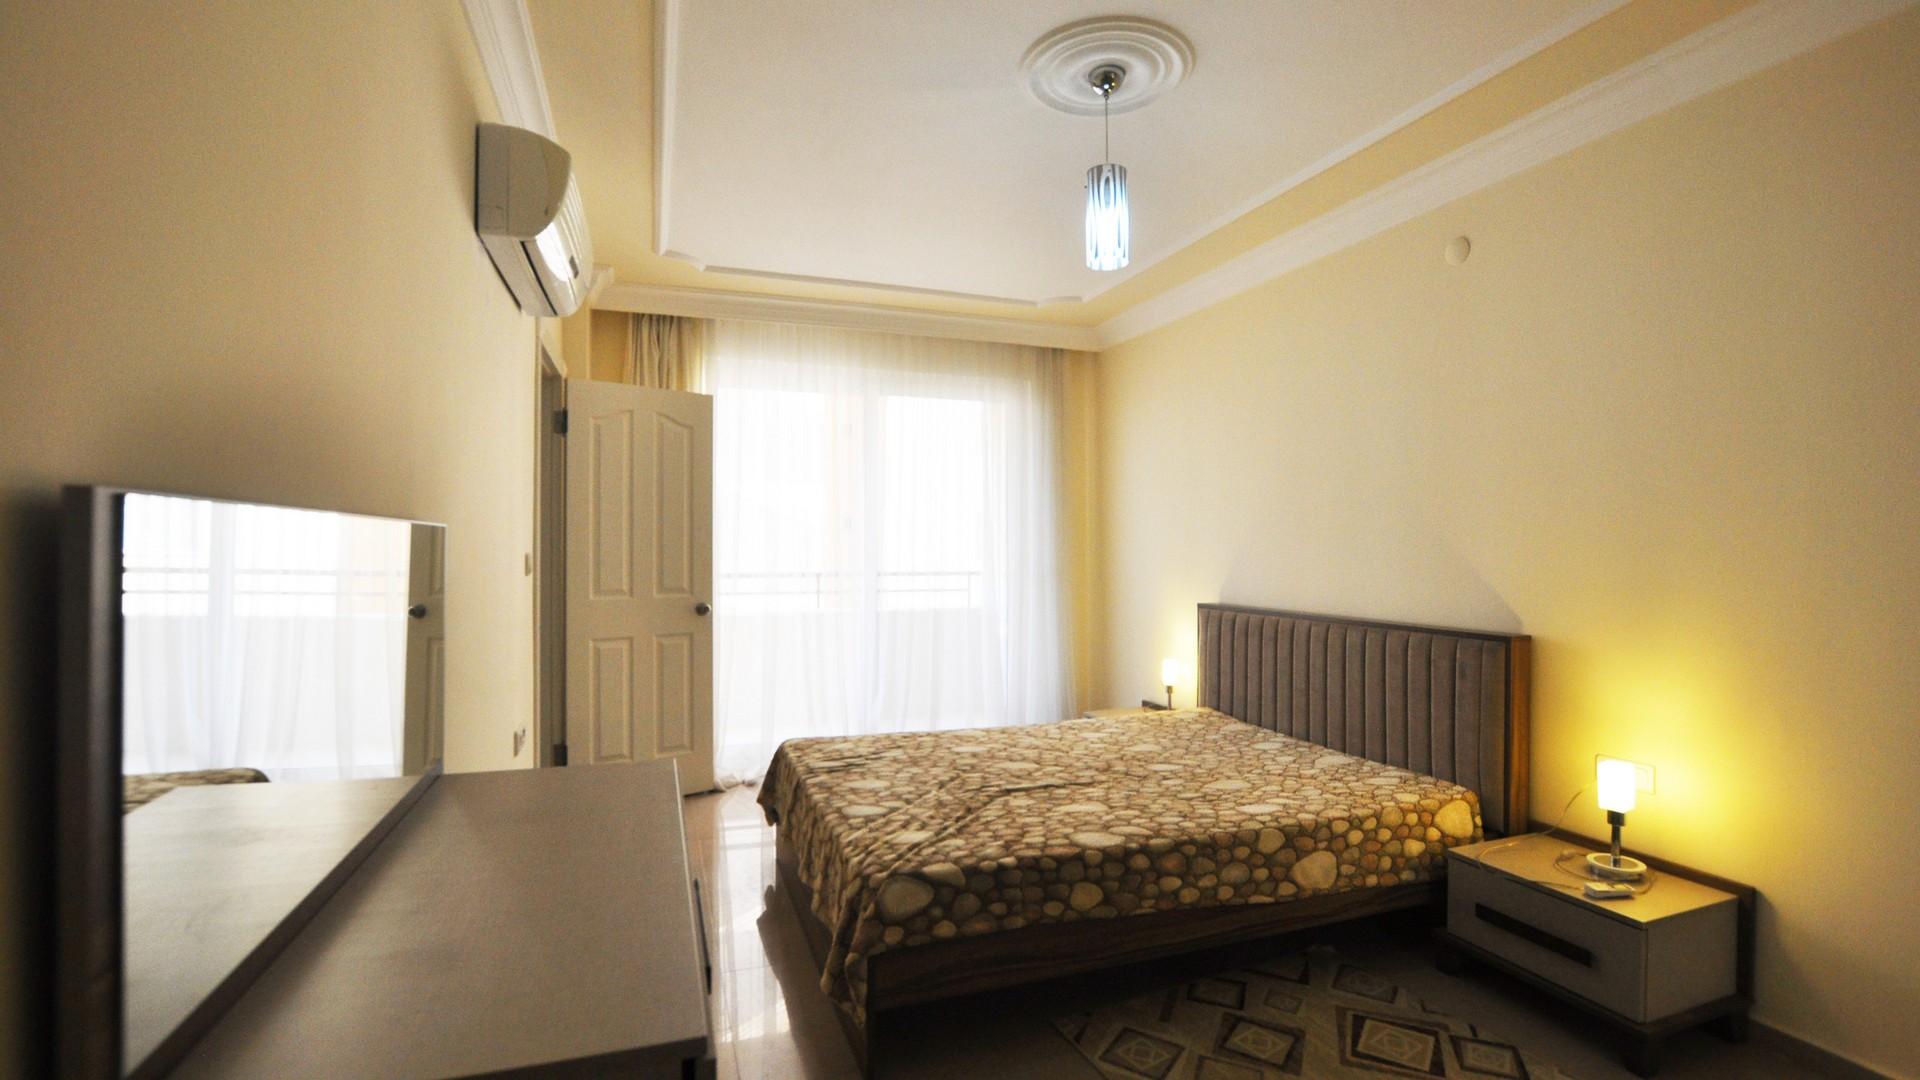 Меблированные апартаменты в Махмутлар - Фото 25